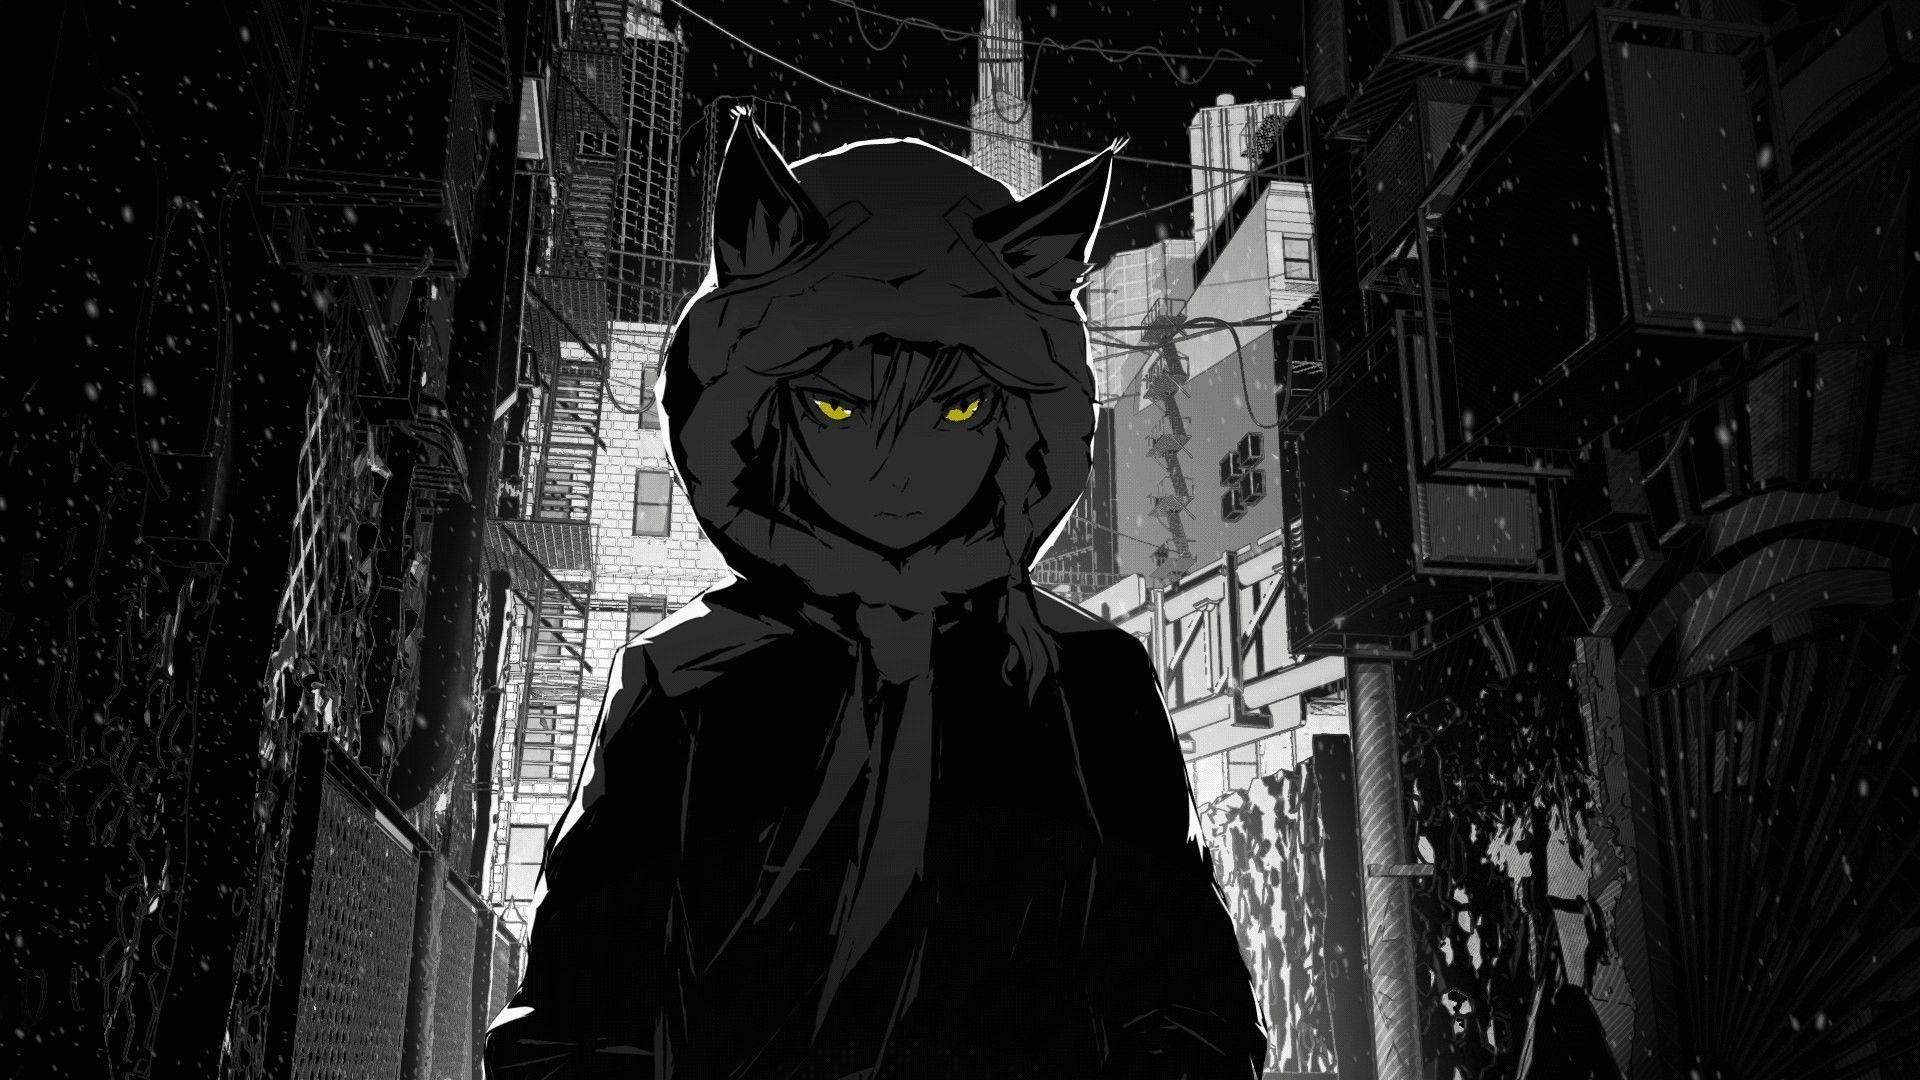 Anime Black Wallpaper